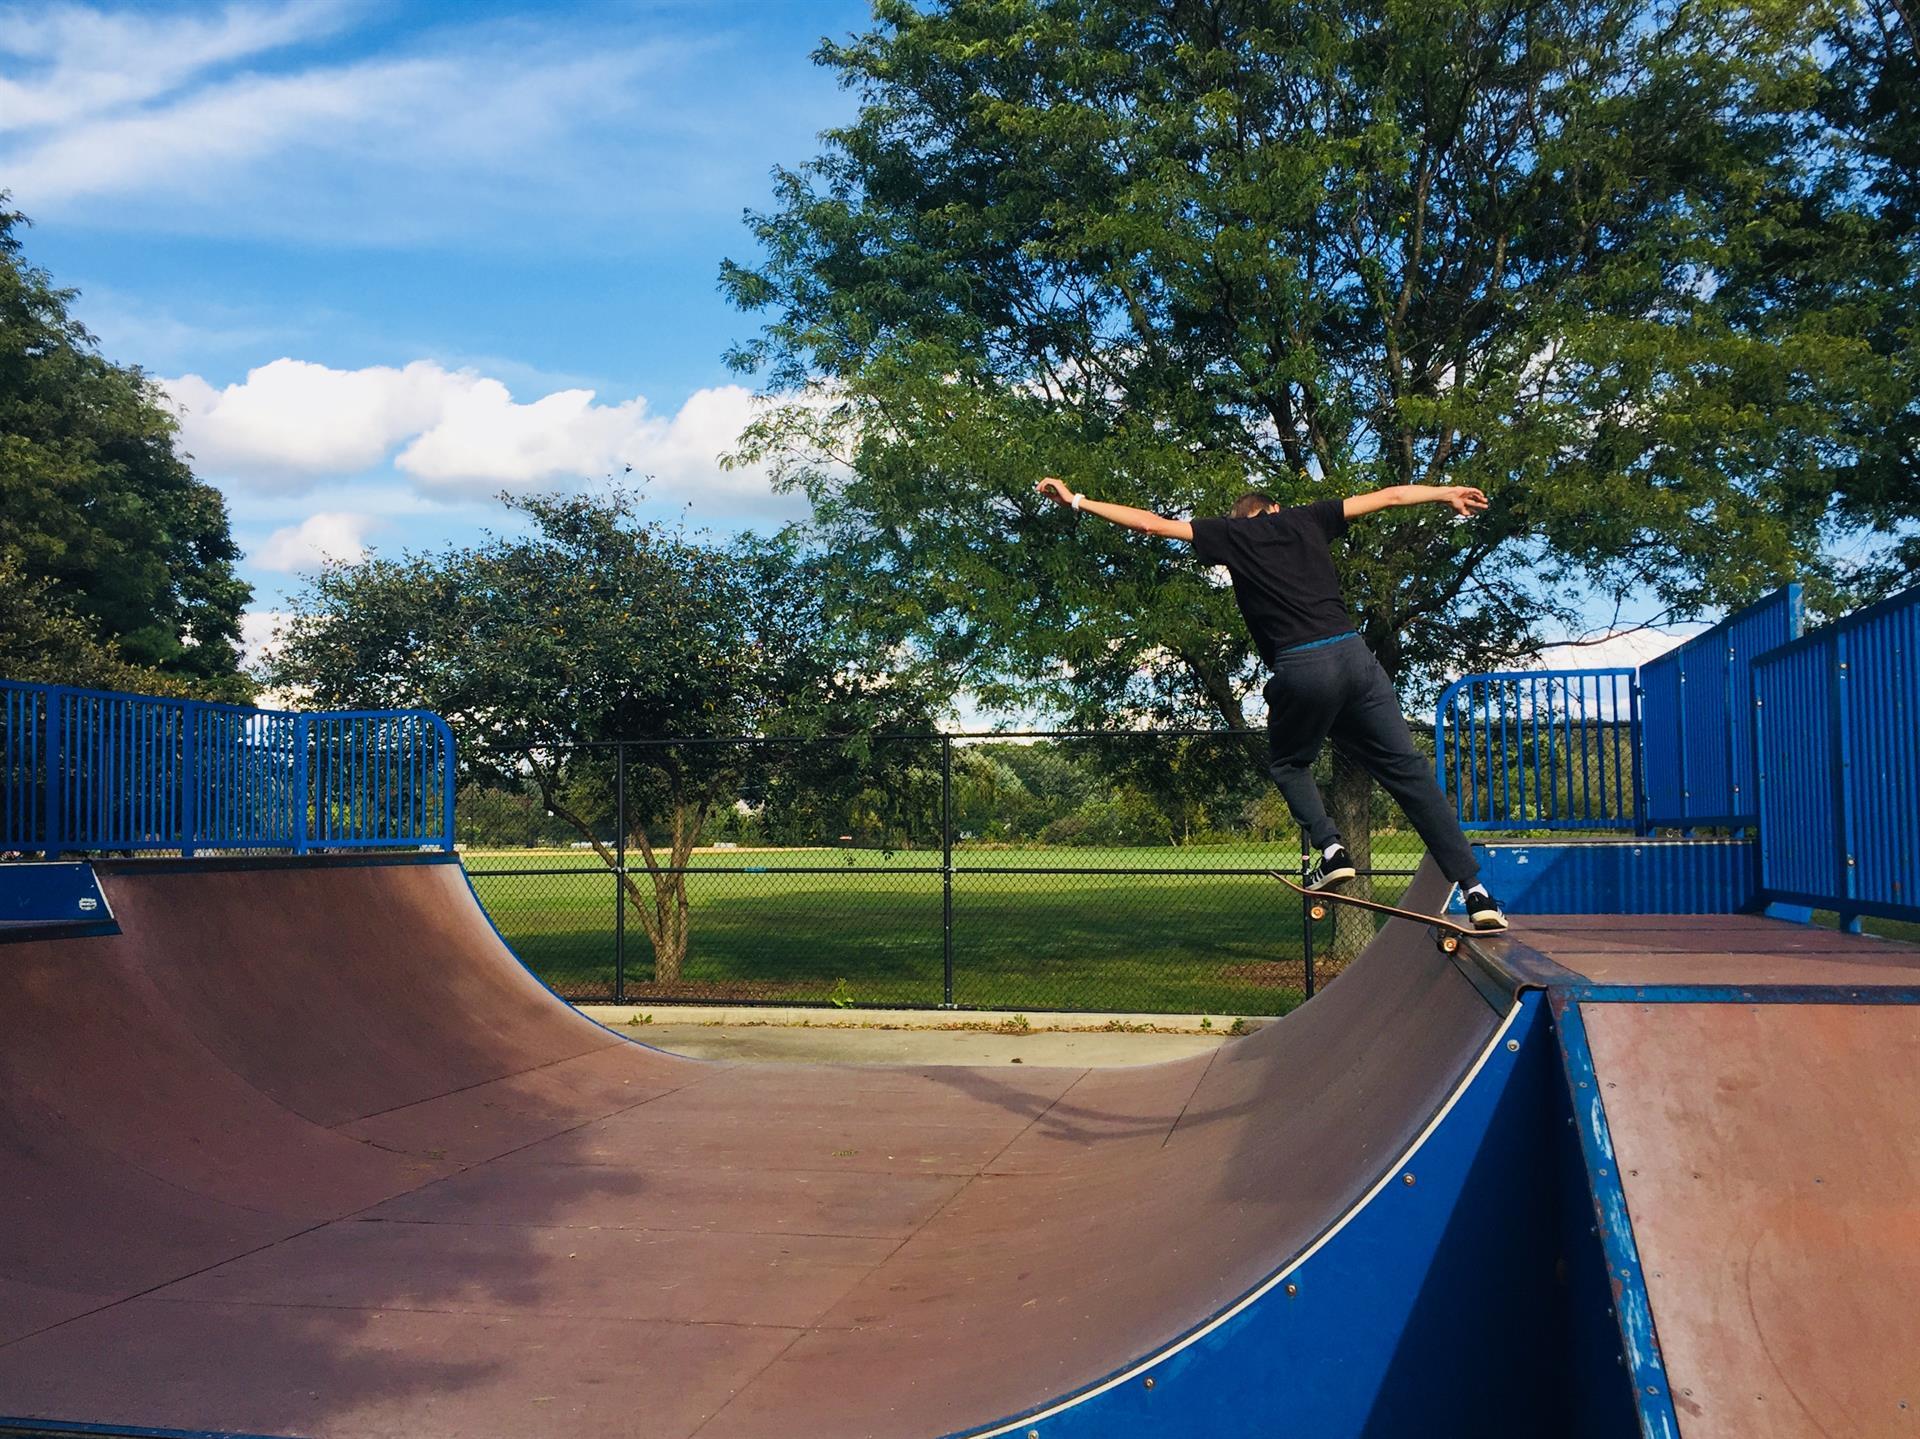 Skateboarder doing trick at a skate park